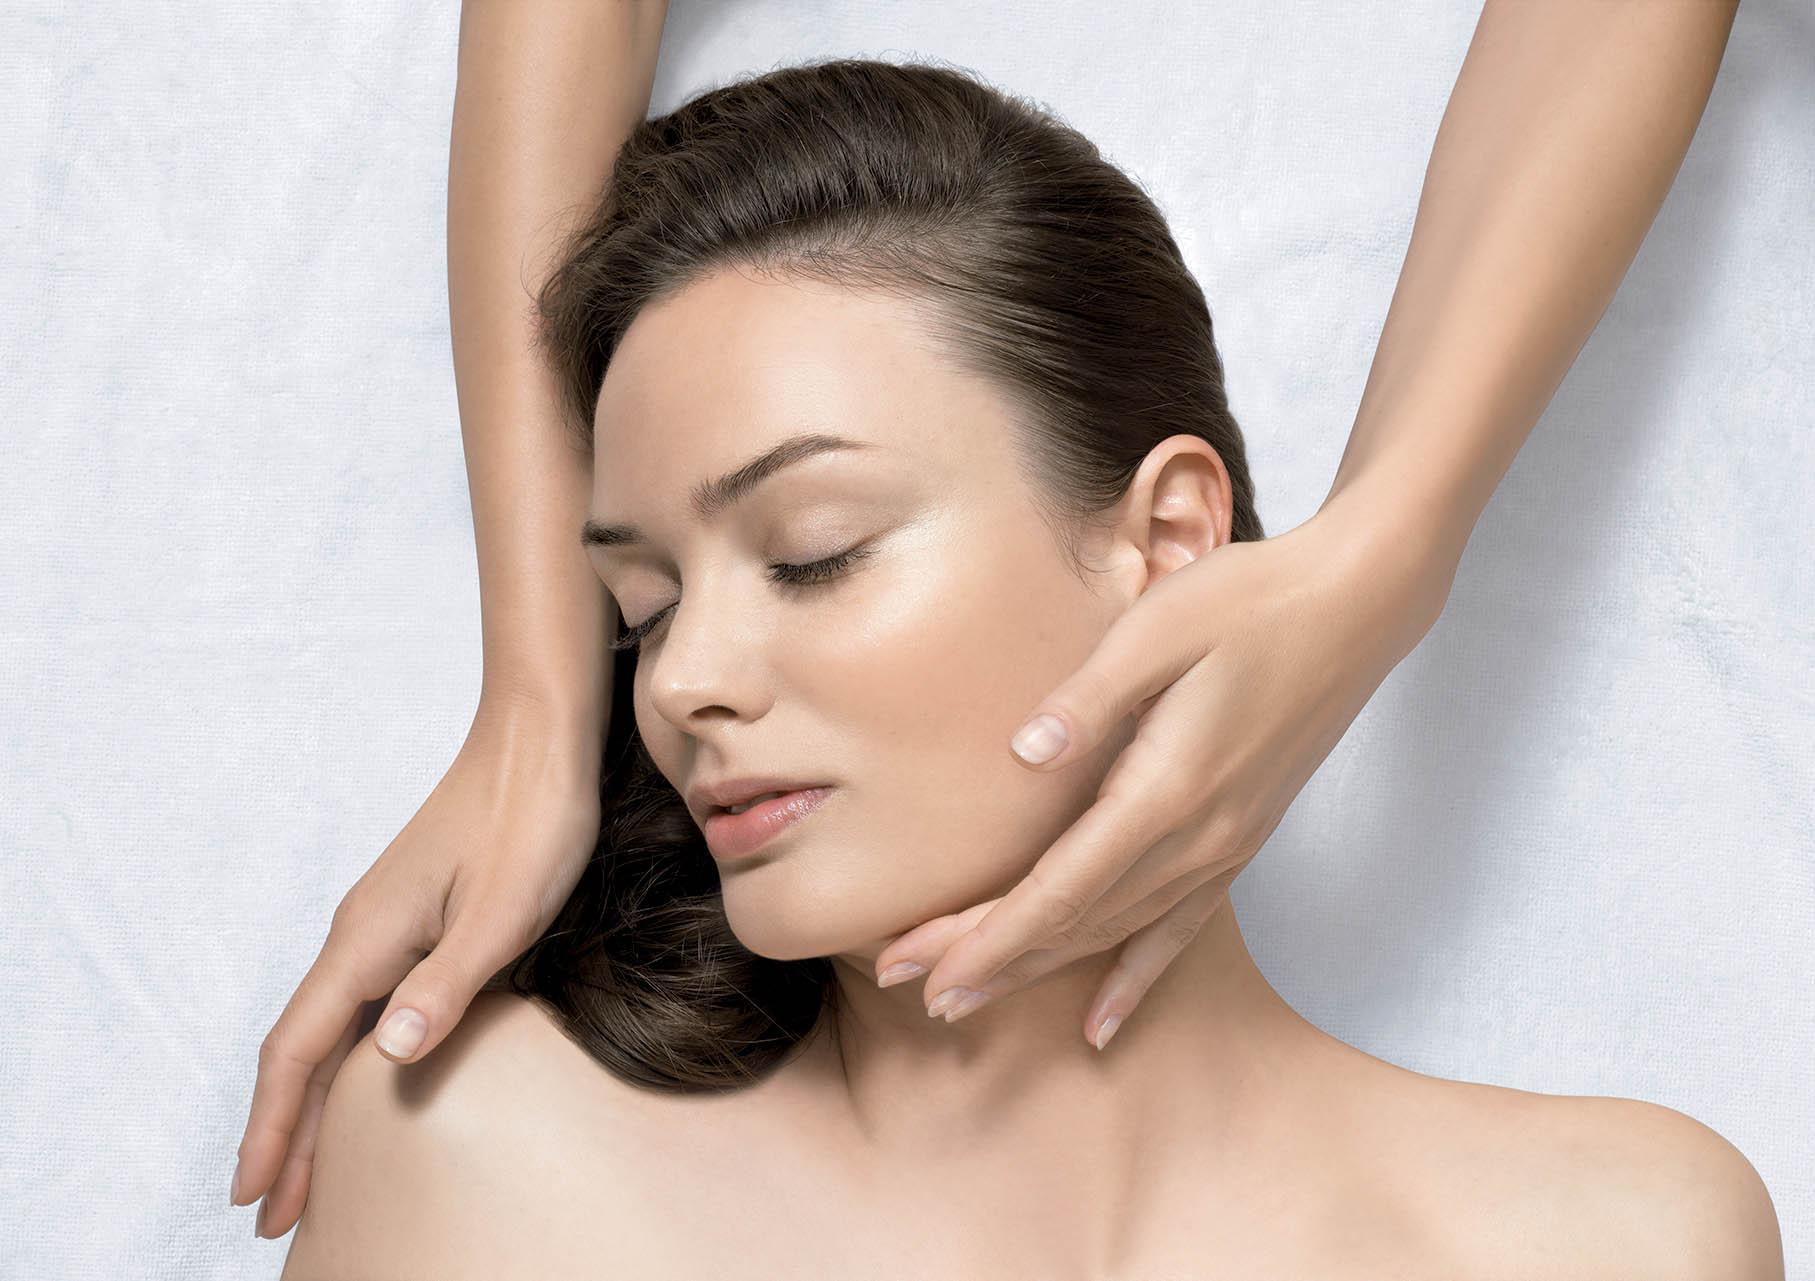 masaż twarzy poznań